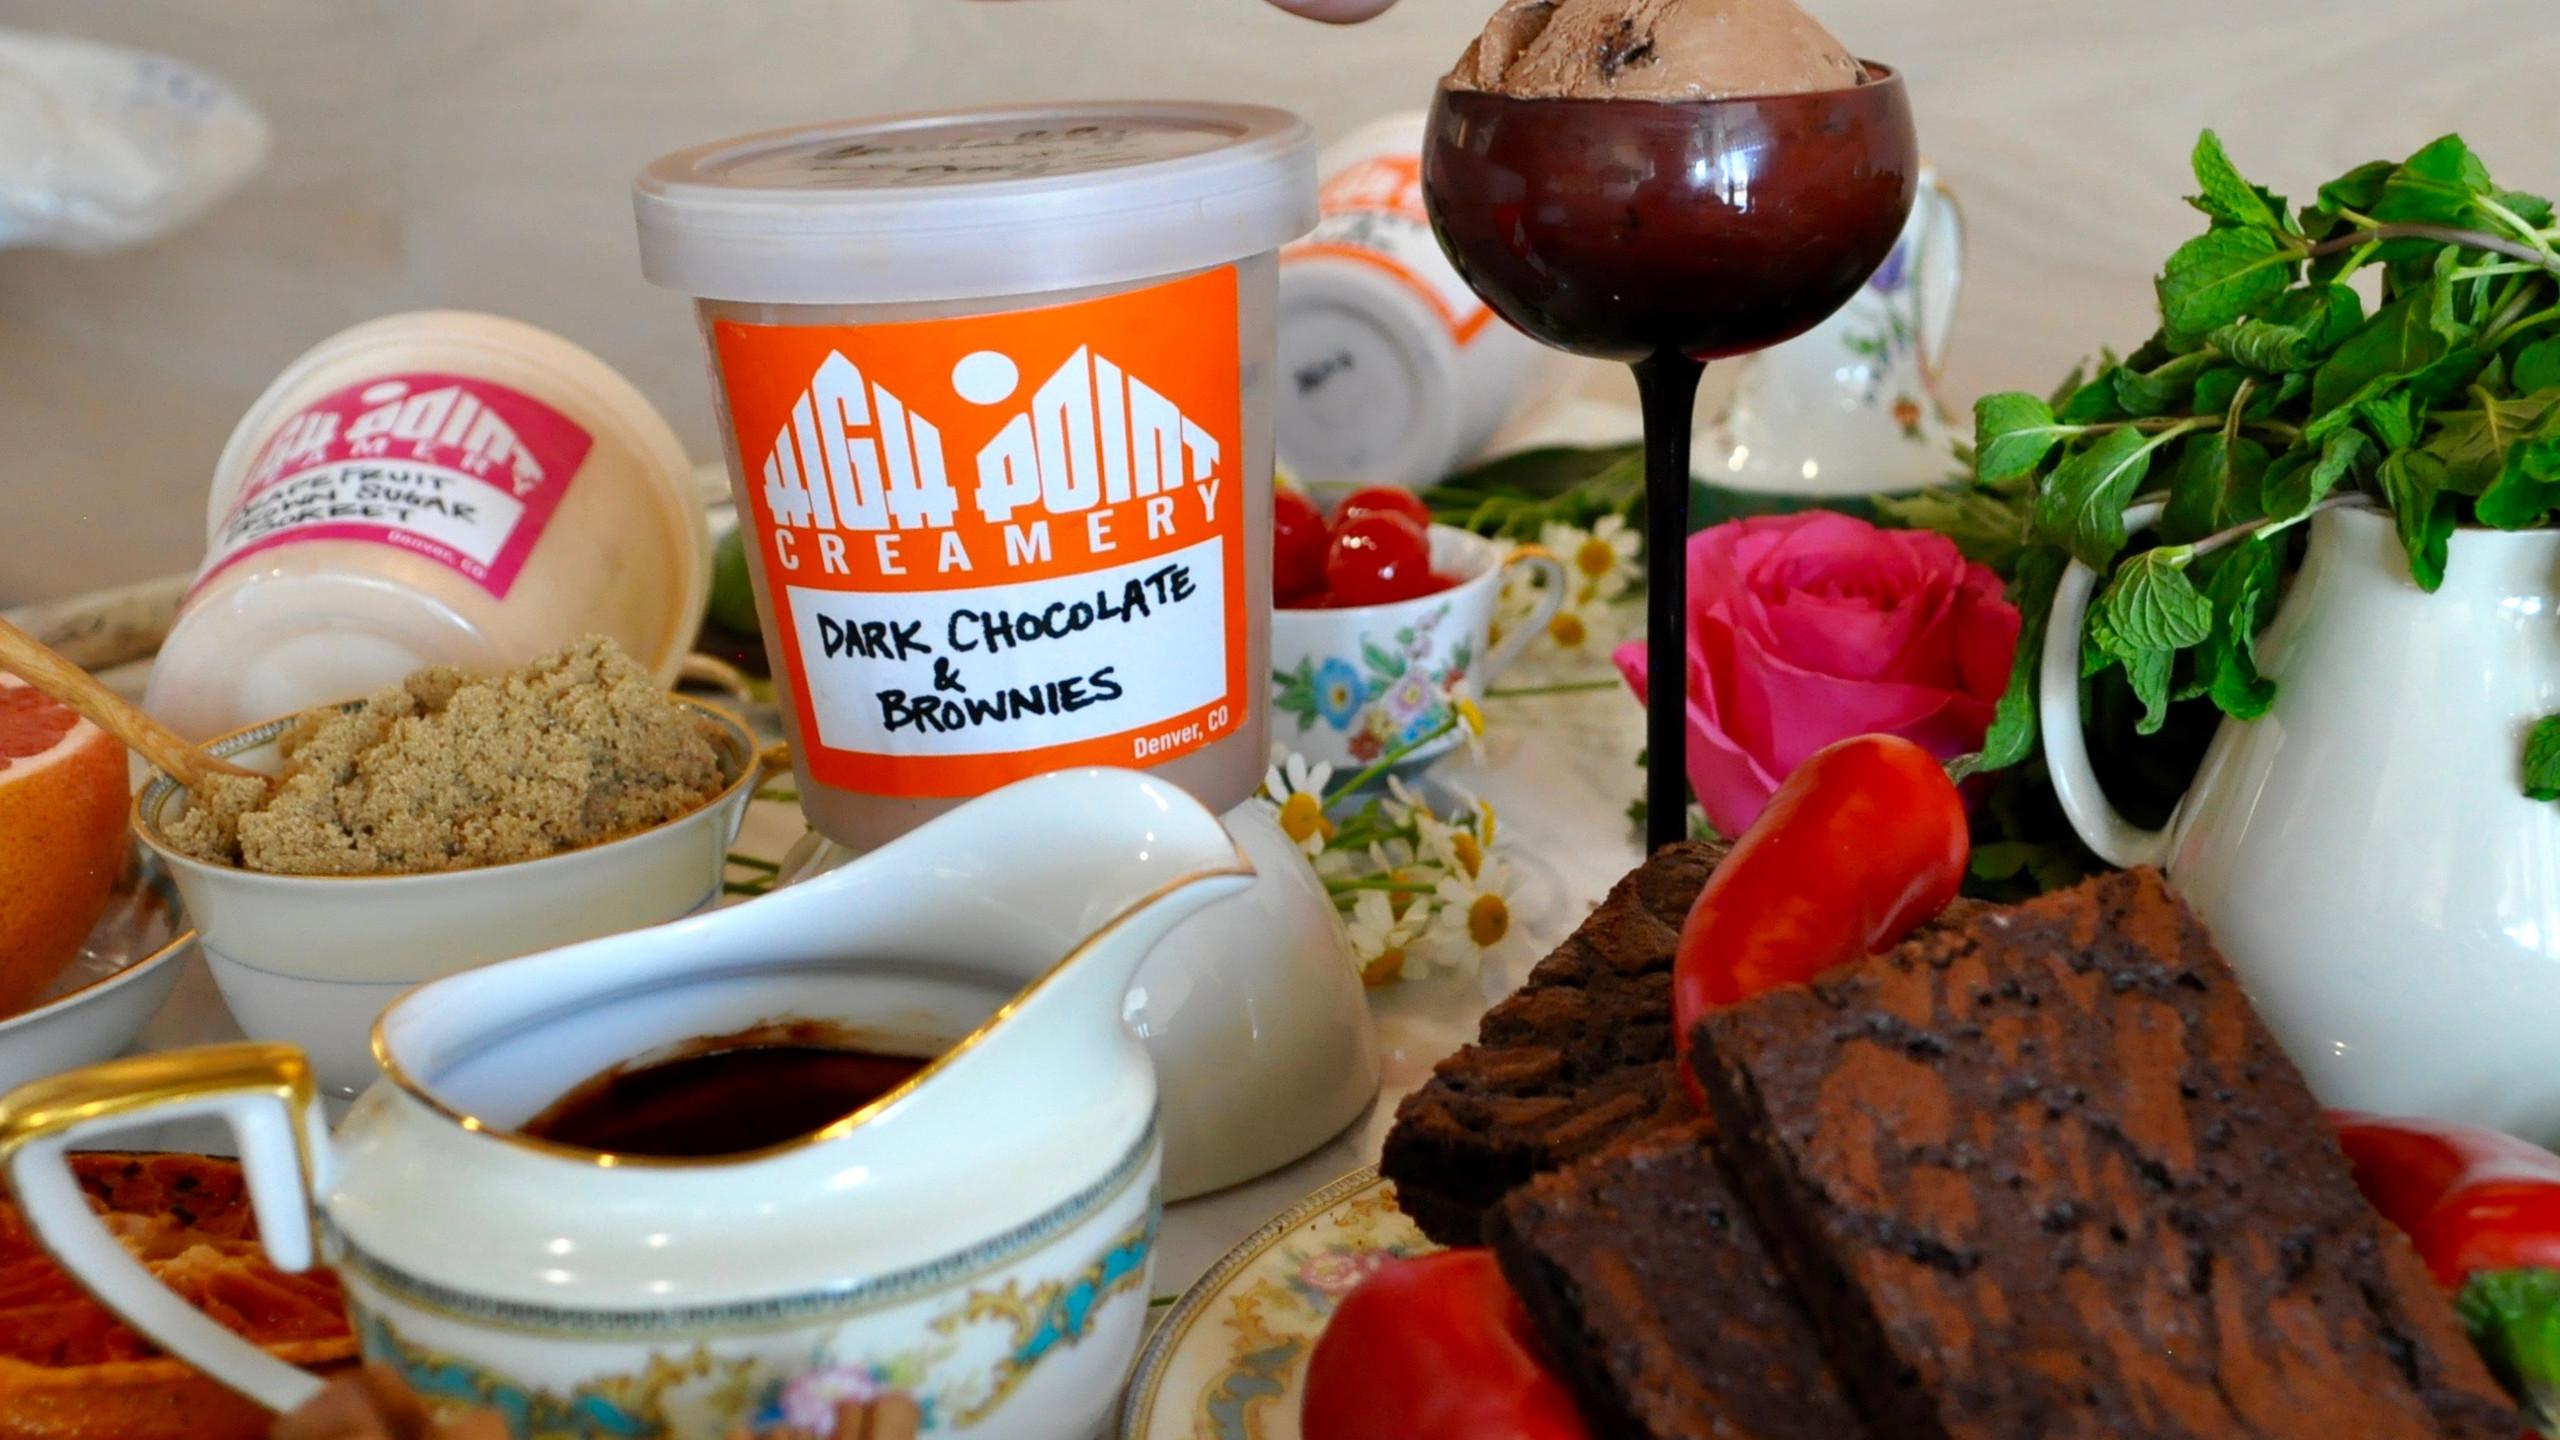 Dark Chocolate & Brownies